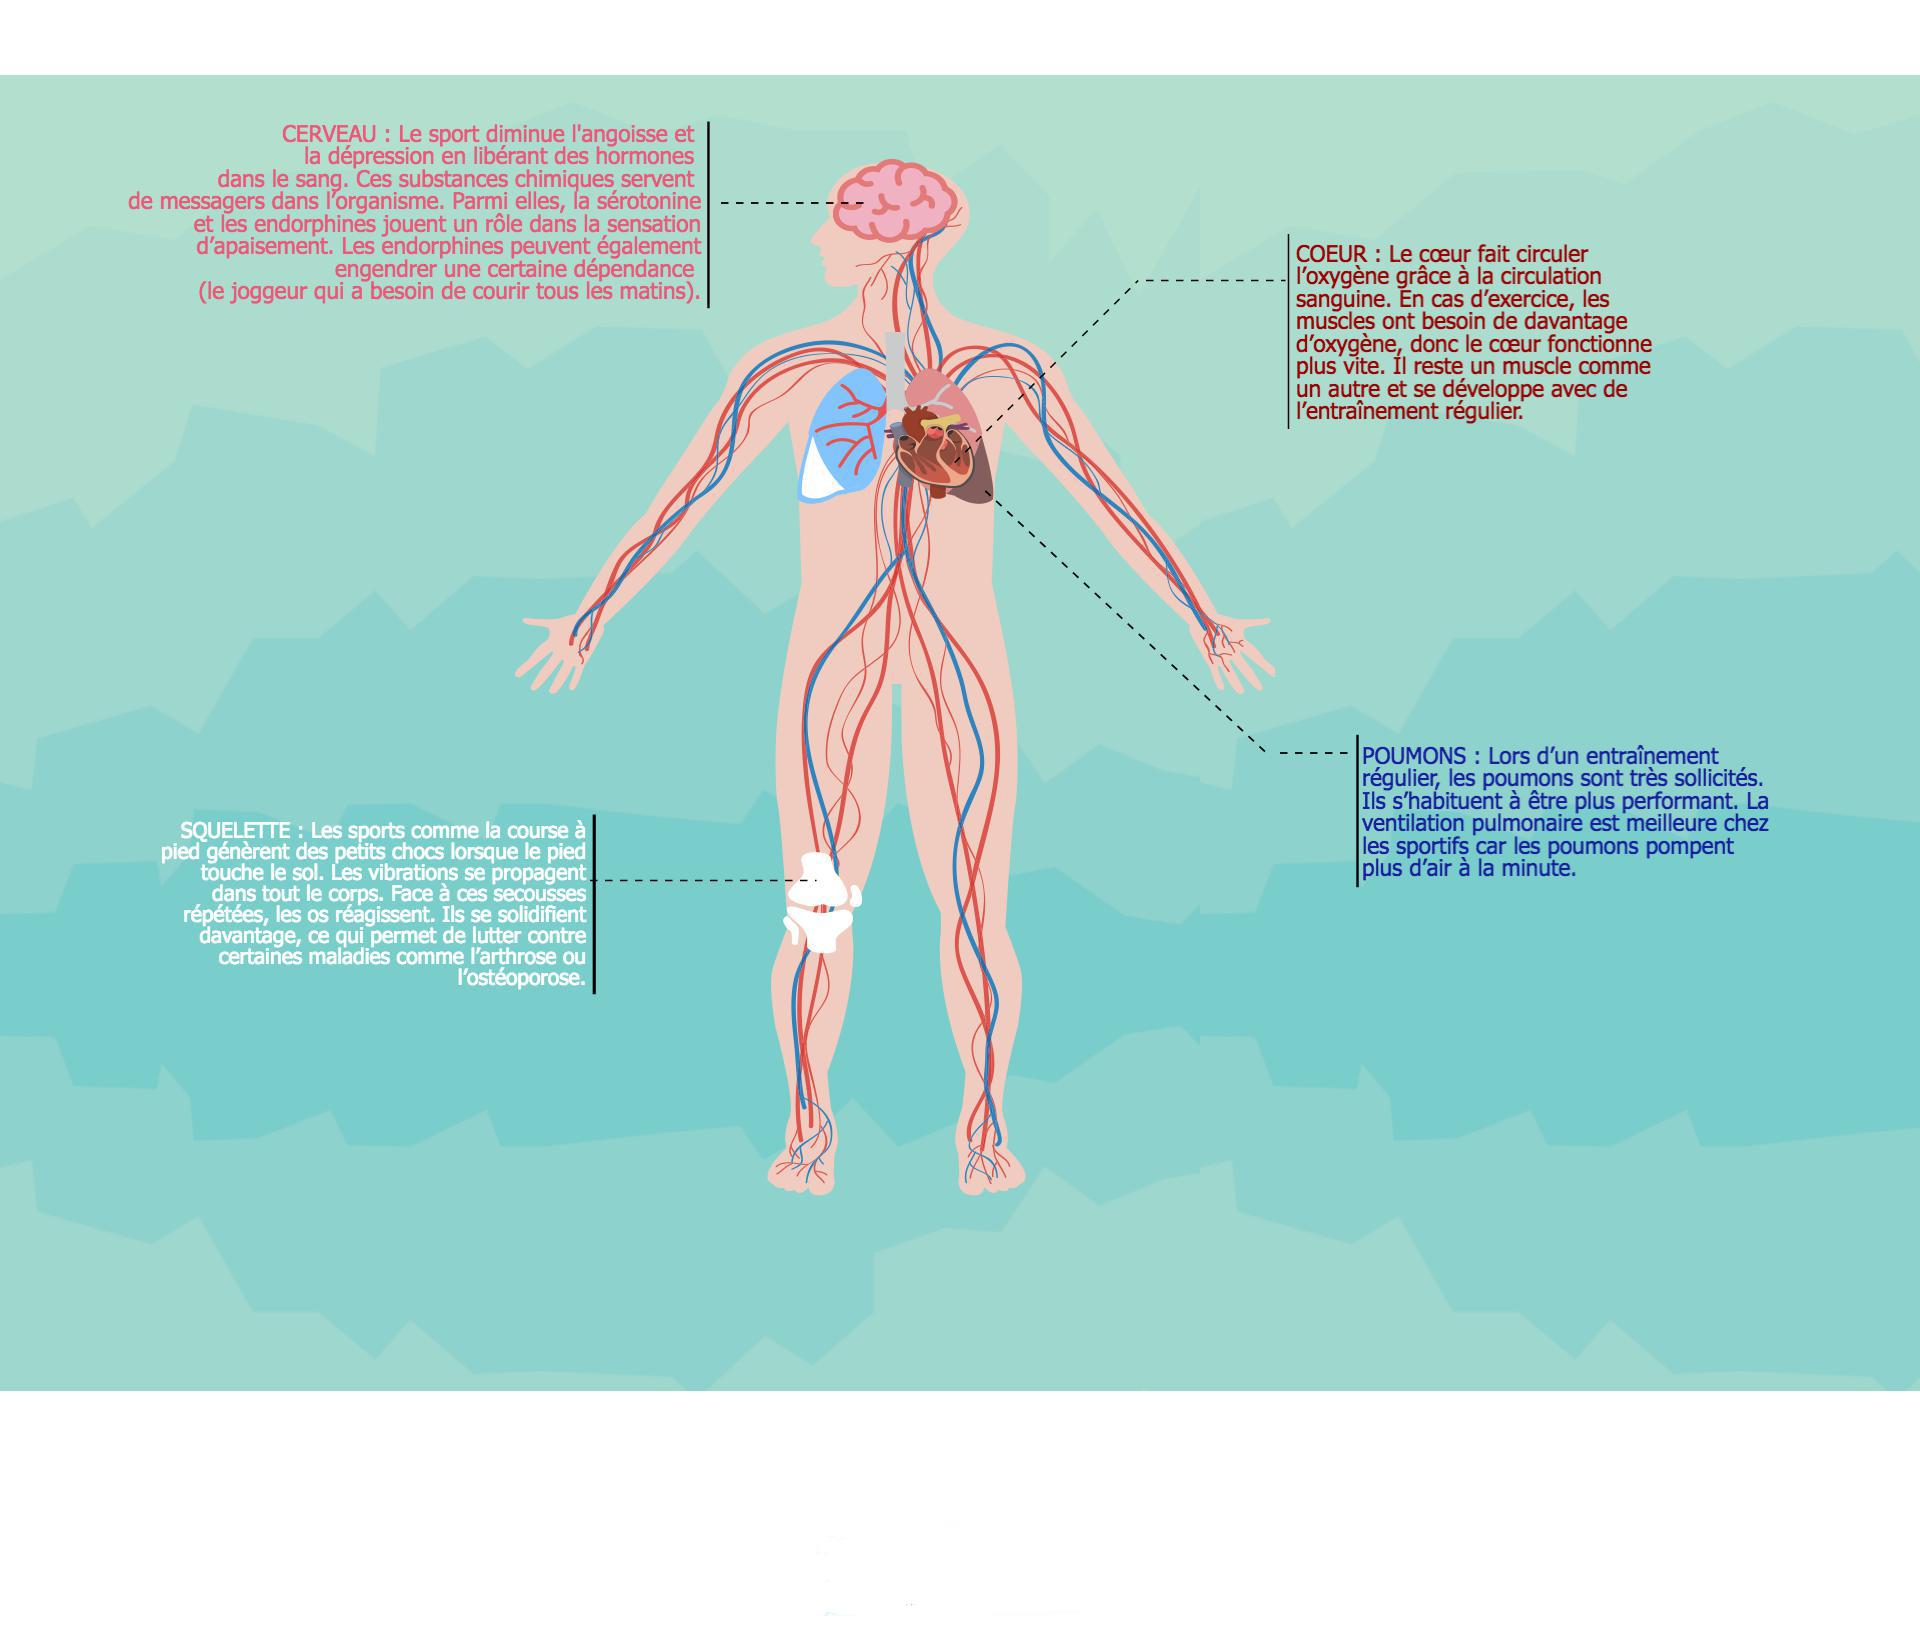 sport-et-bien-etre infographie